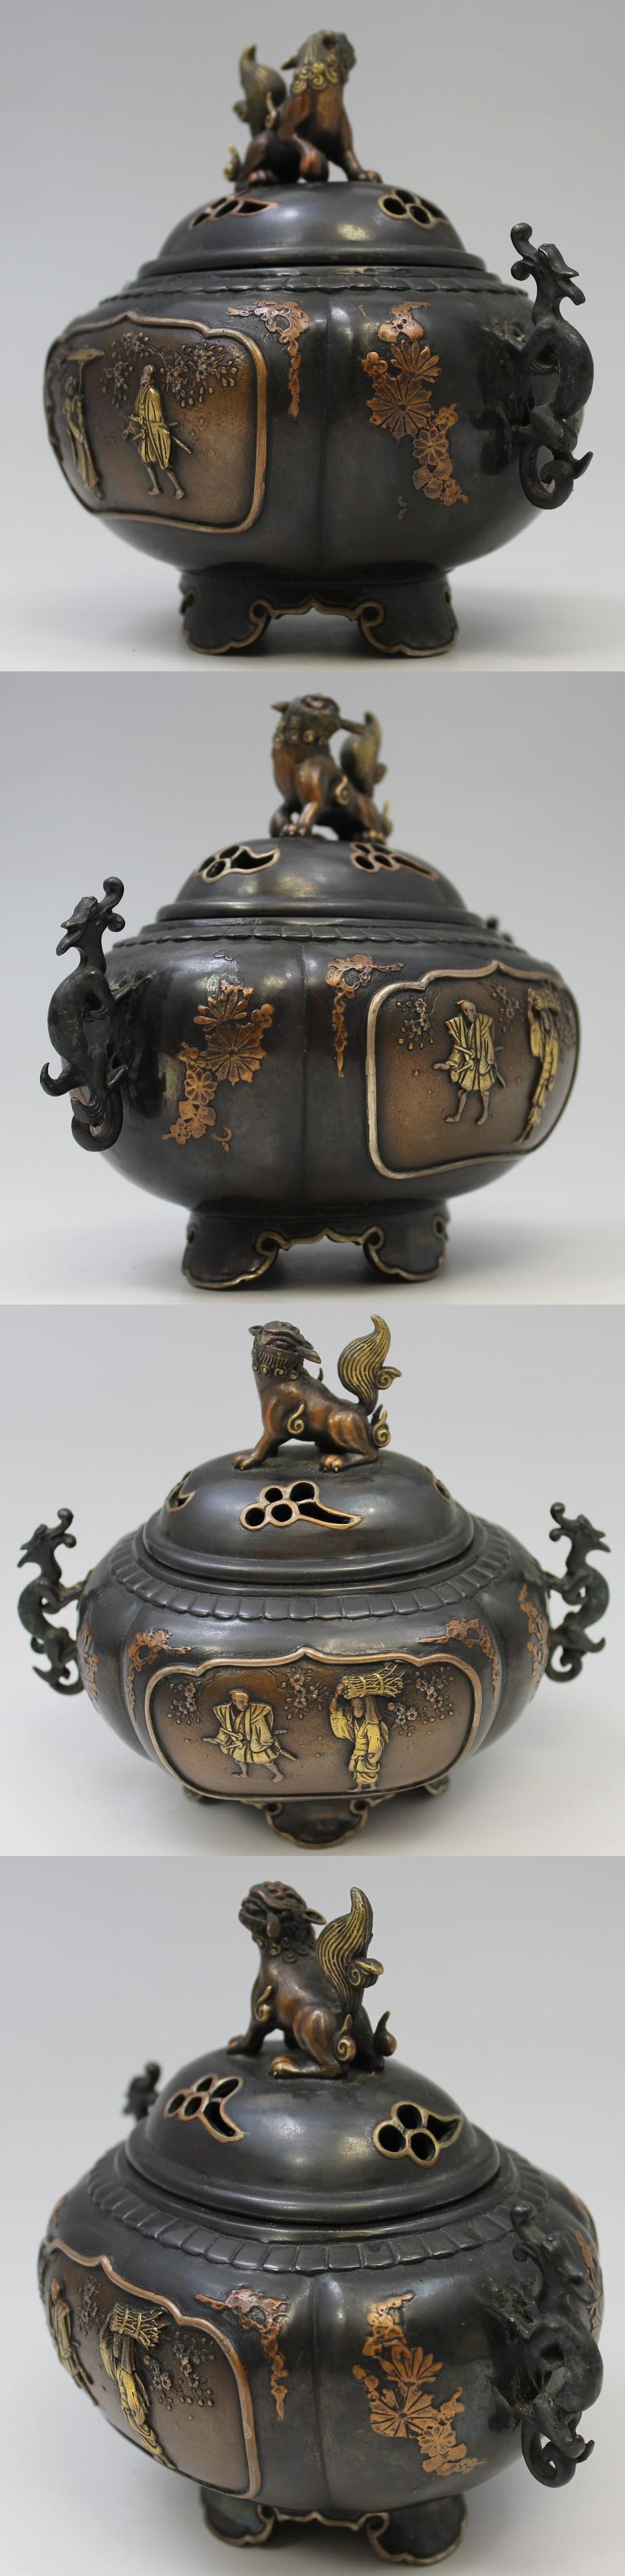 139高岡銅器唐獅子牡丹香炉4